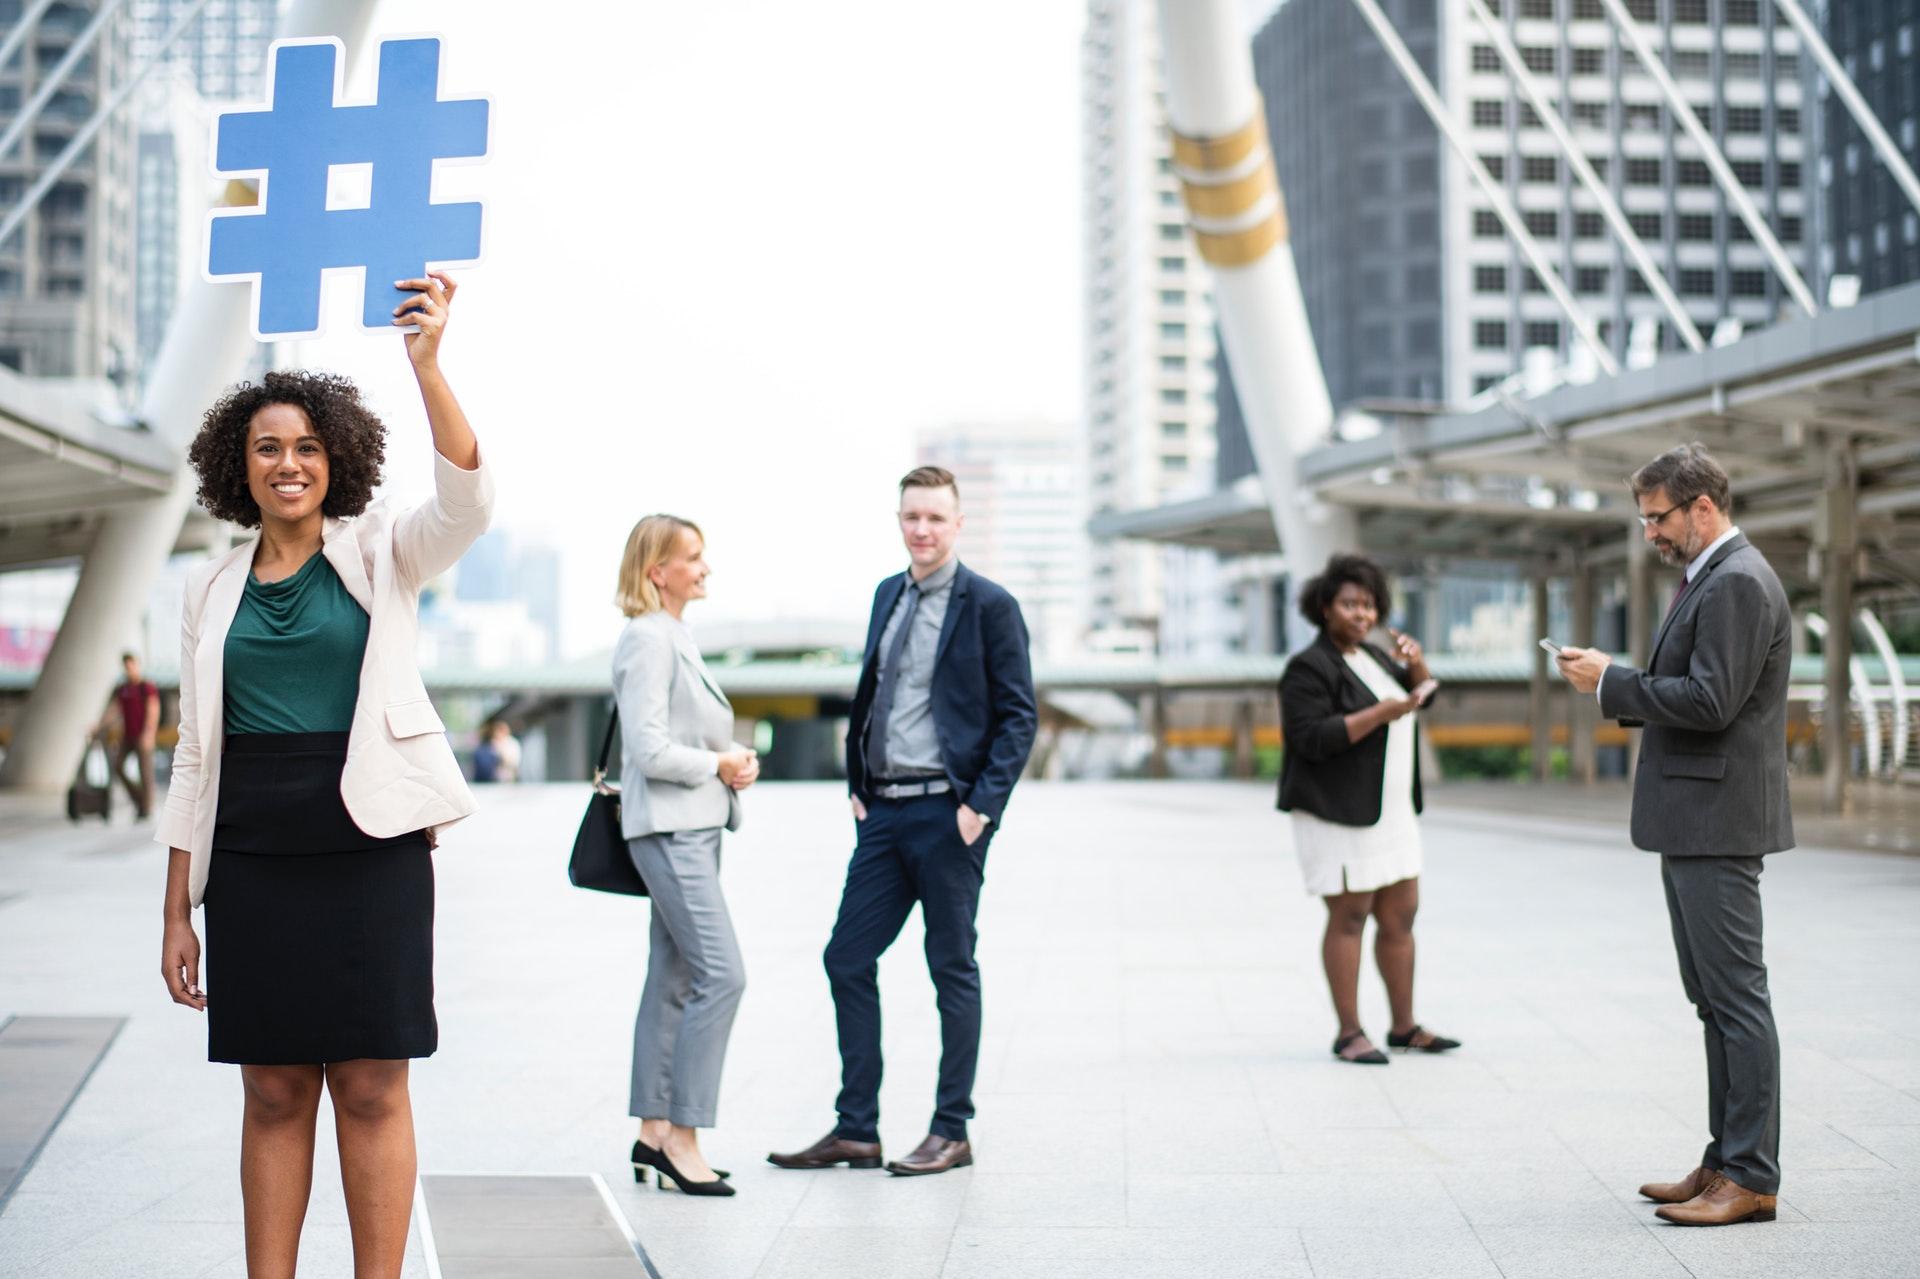 üzletemberek hashtag jellel